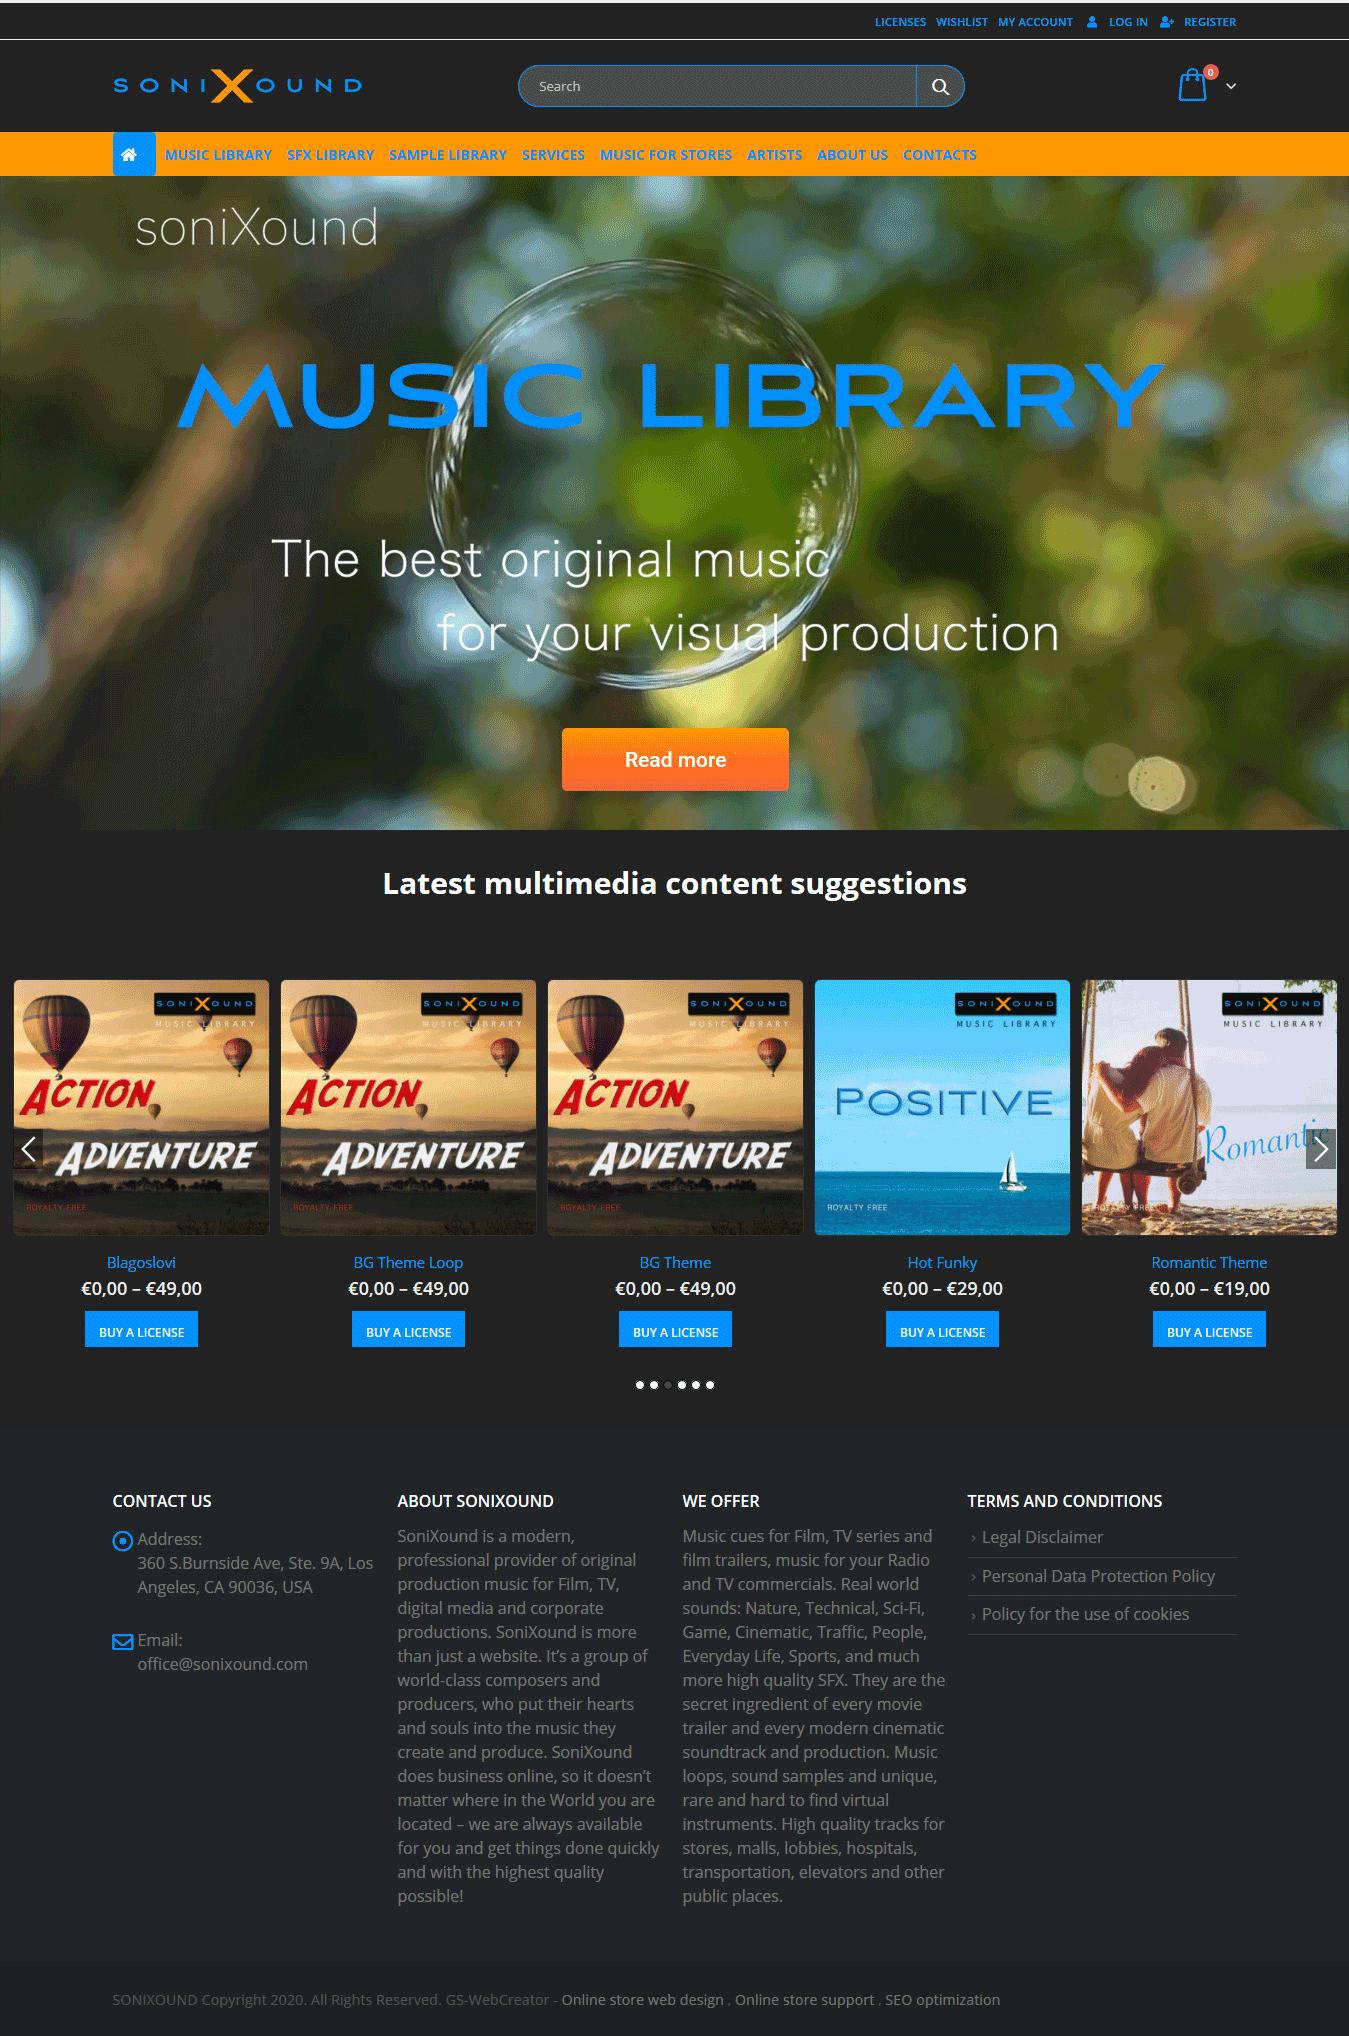 Изработка на онлайн магазин за мултимедийно съдържание (музикални файлове, звуци, лупове, бъндъли) от GS-WebCreator